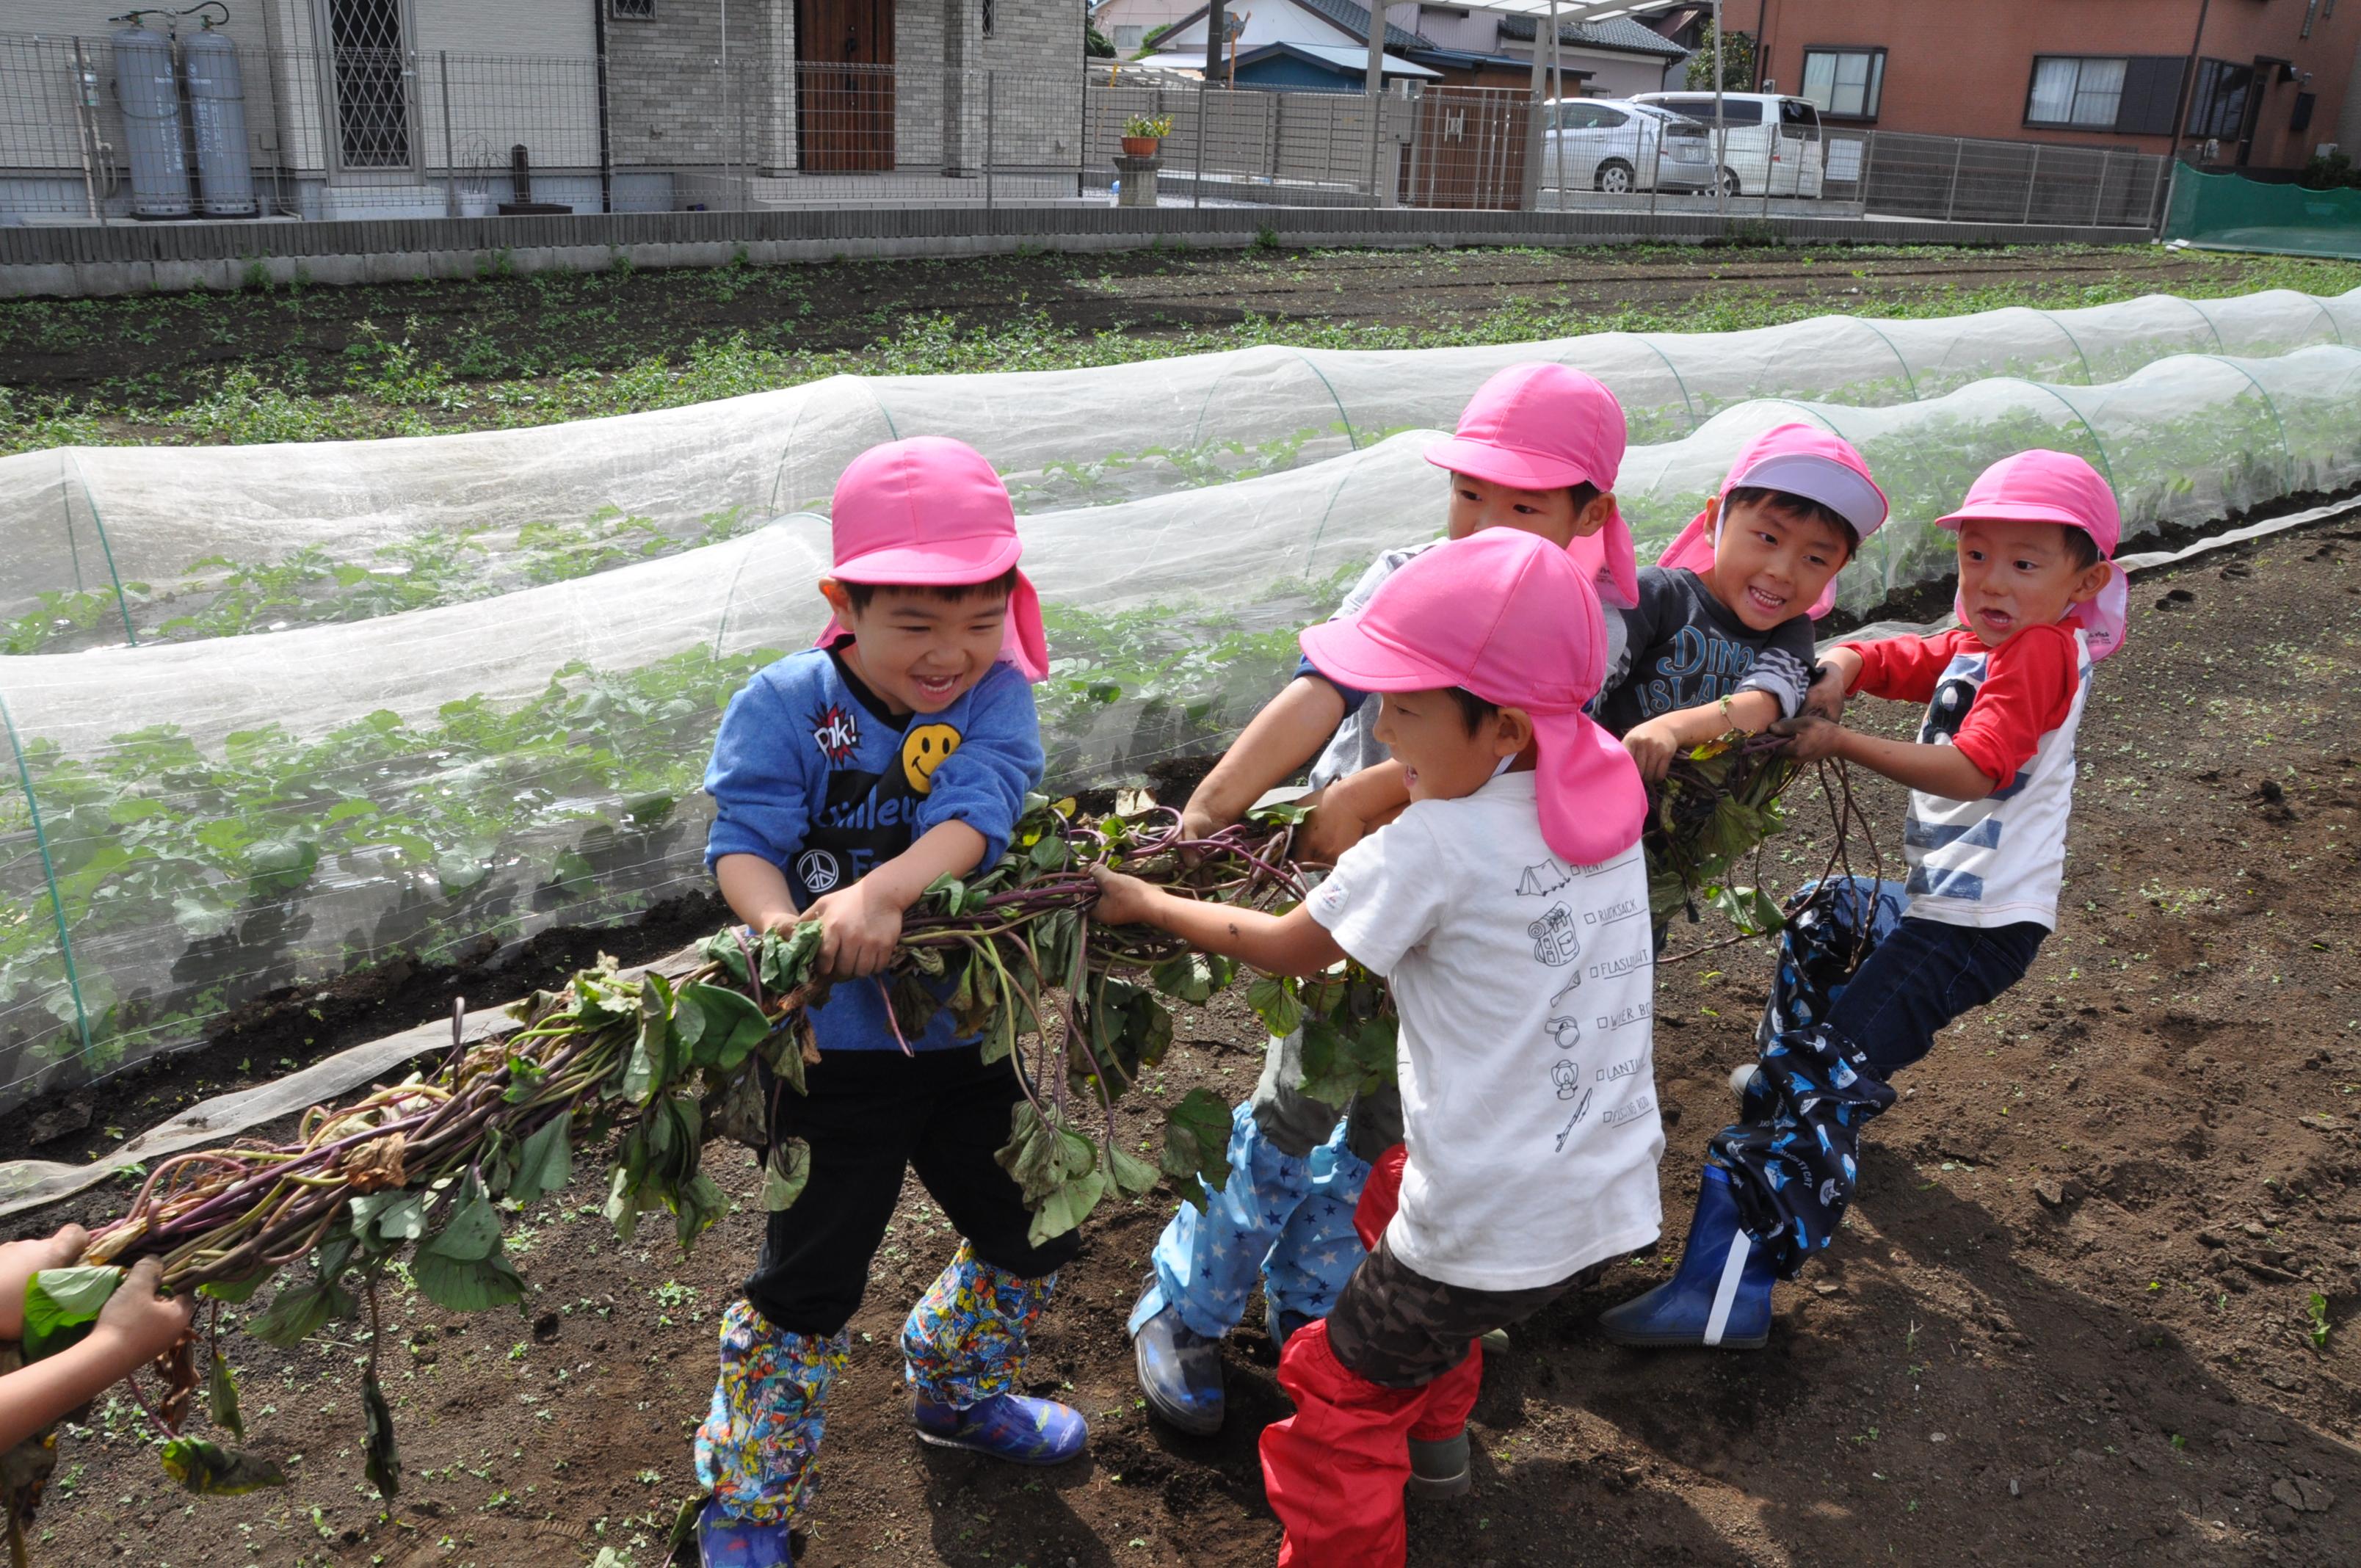 伊勢宮幼稚園/輝く笑顔を咲かせたい!【厚木市】